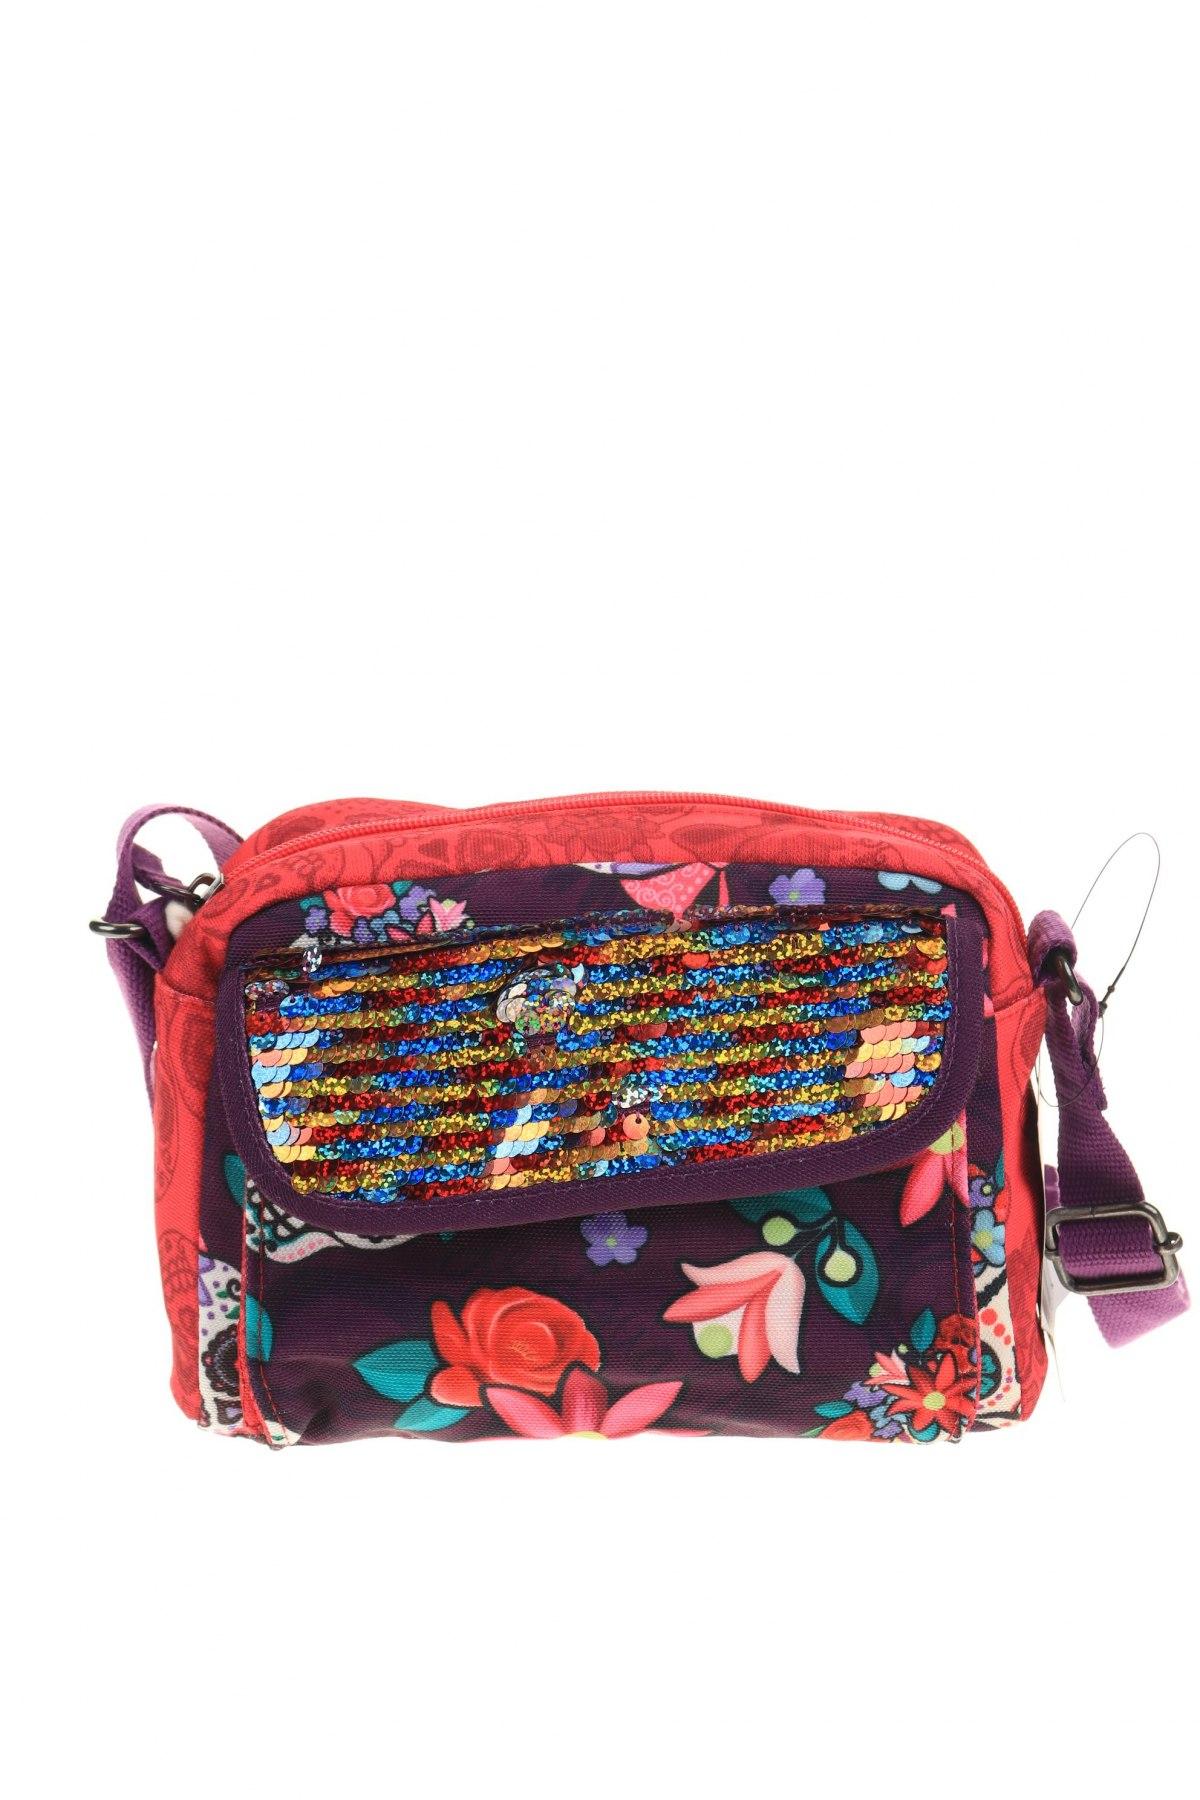 Дамска чанта Desigual, Цвят Многоцветен, Текстил, Цена 104,25лв.